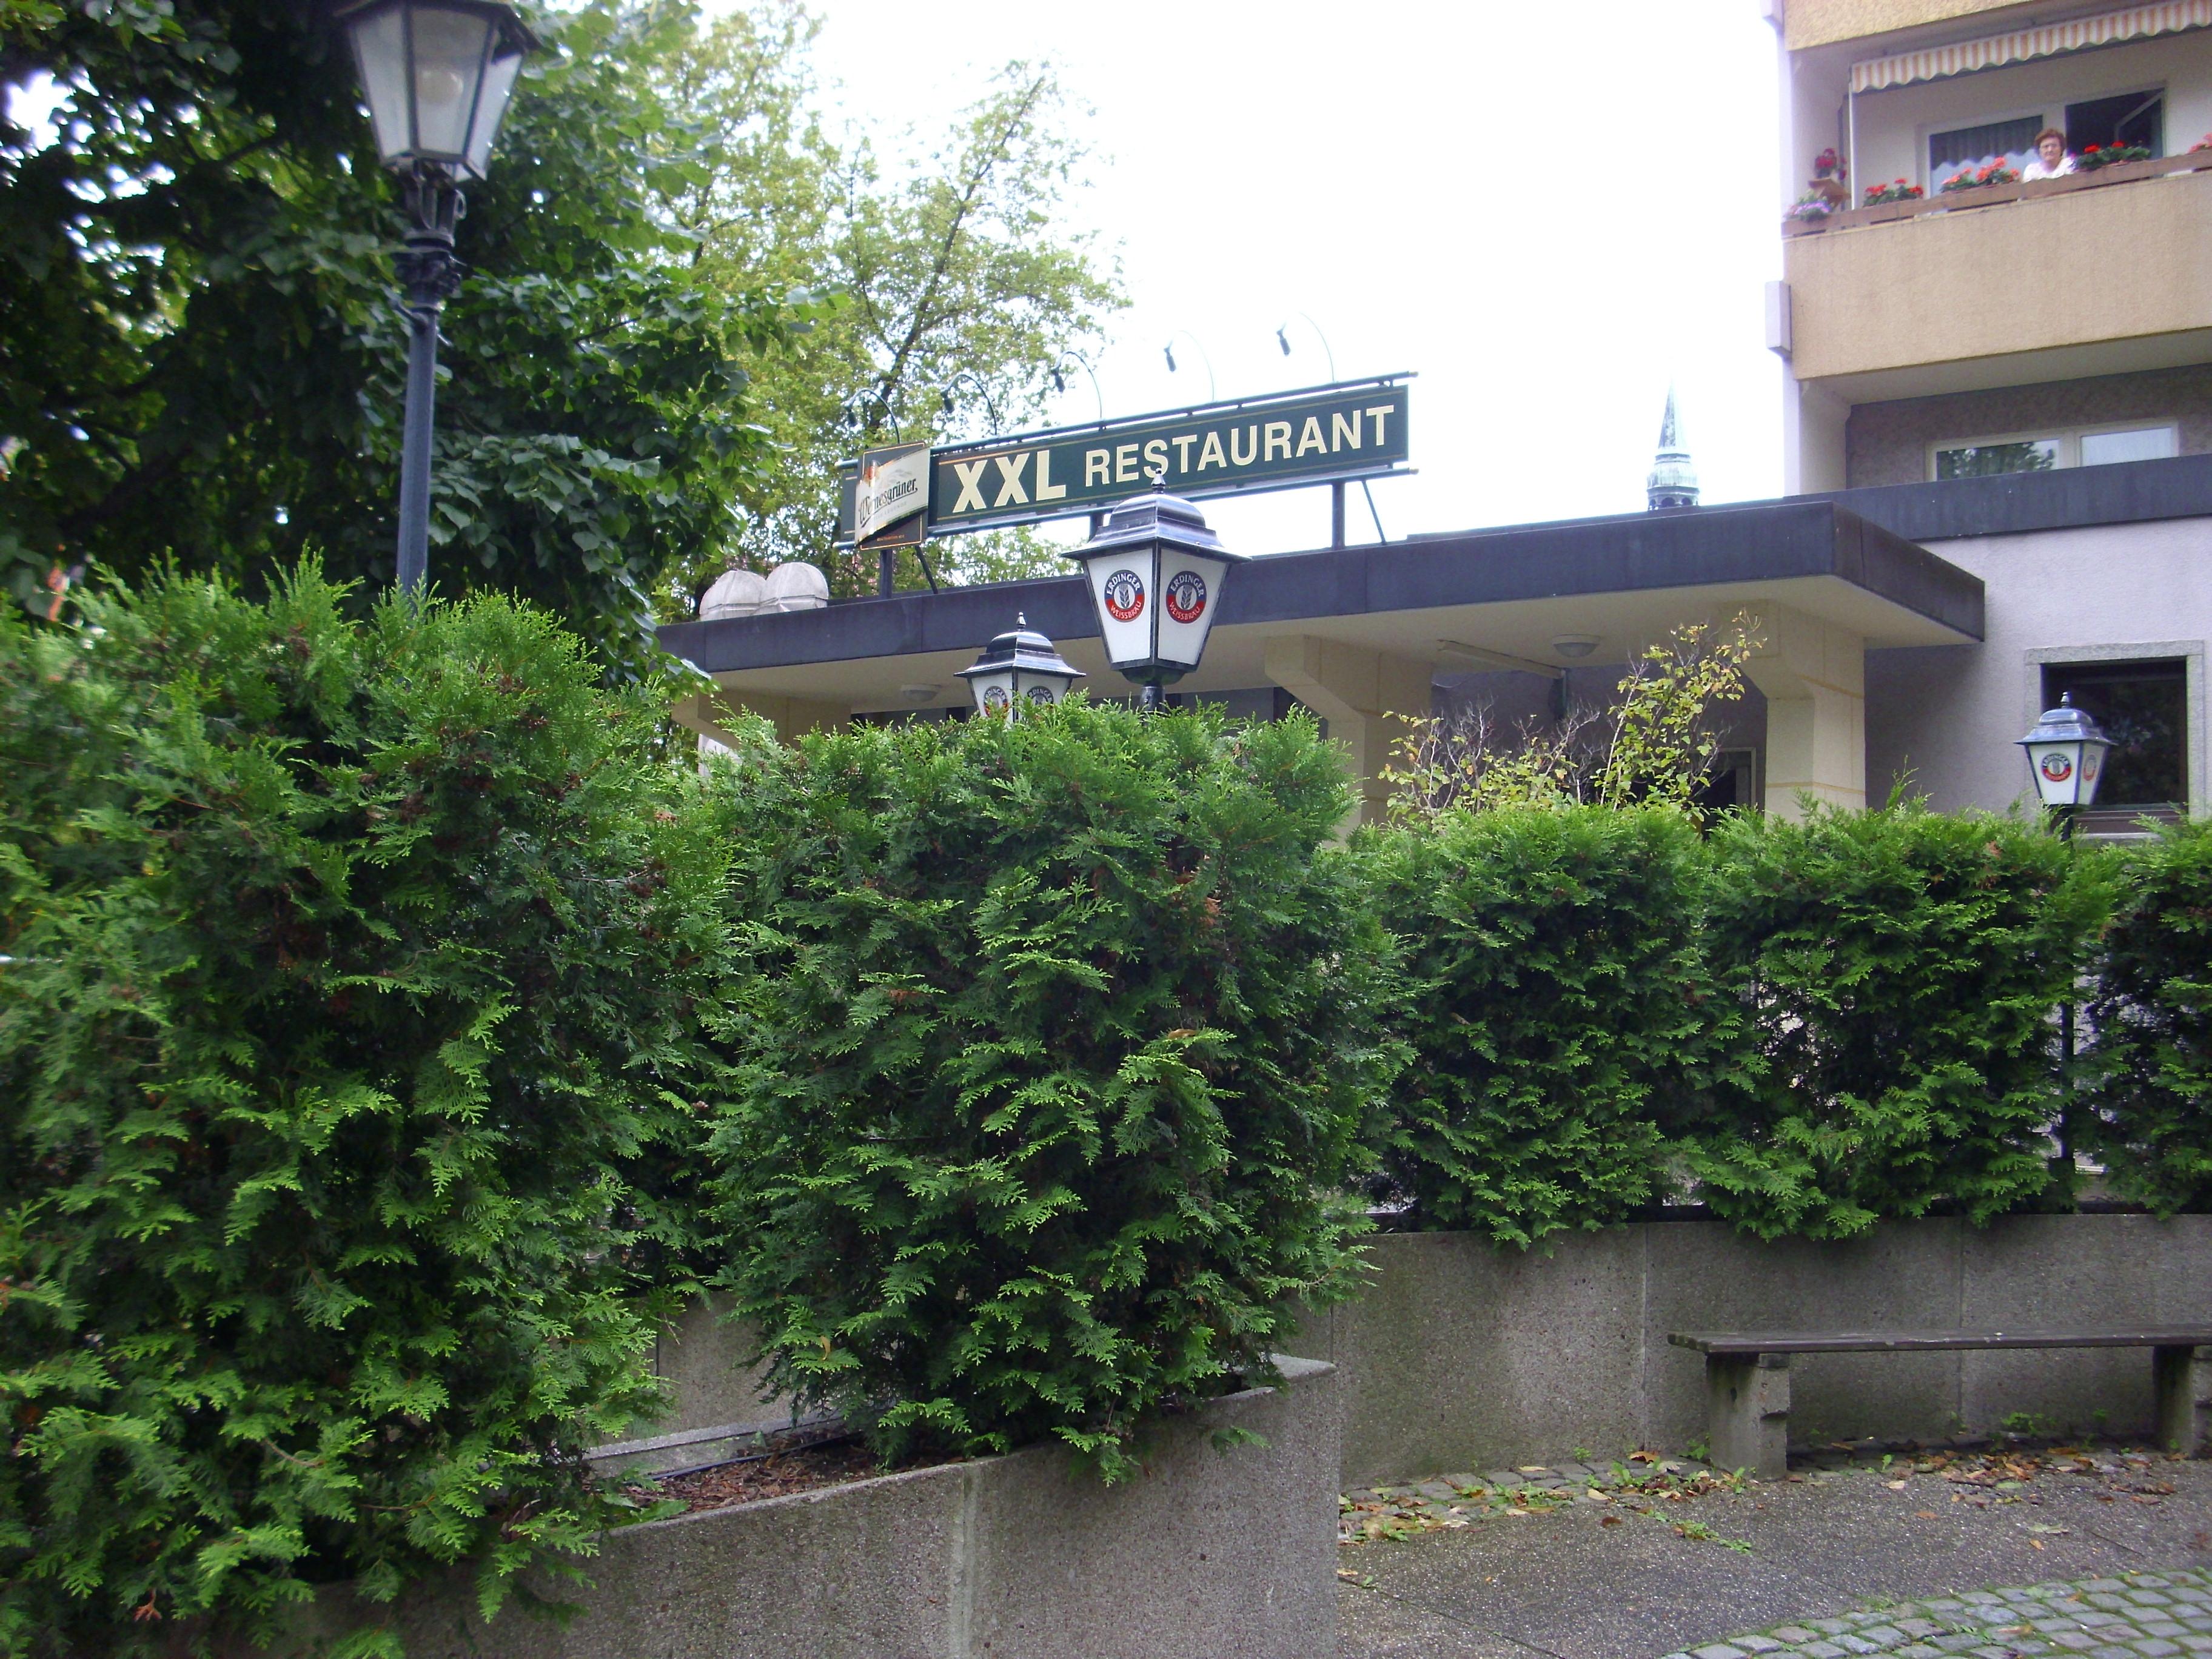 File Xxl Restaurant Zapfwerk Alter Steinweg 2 Zwickau 01 Jpg